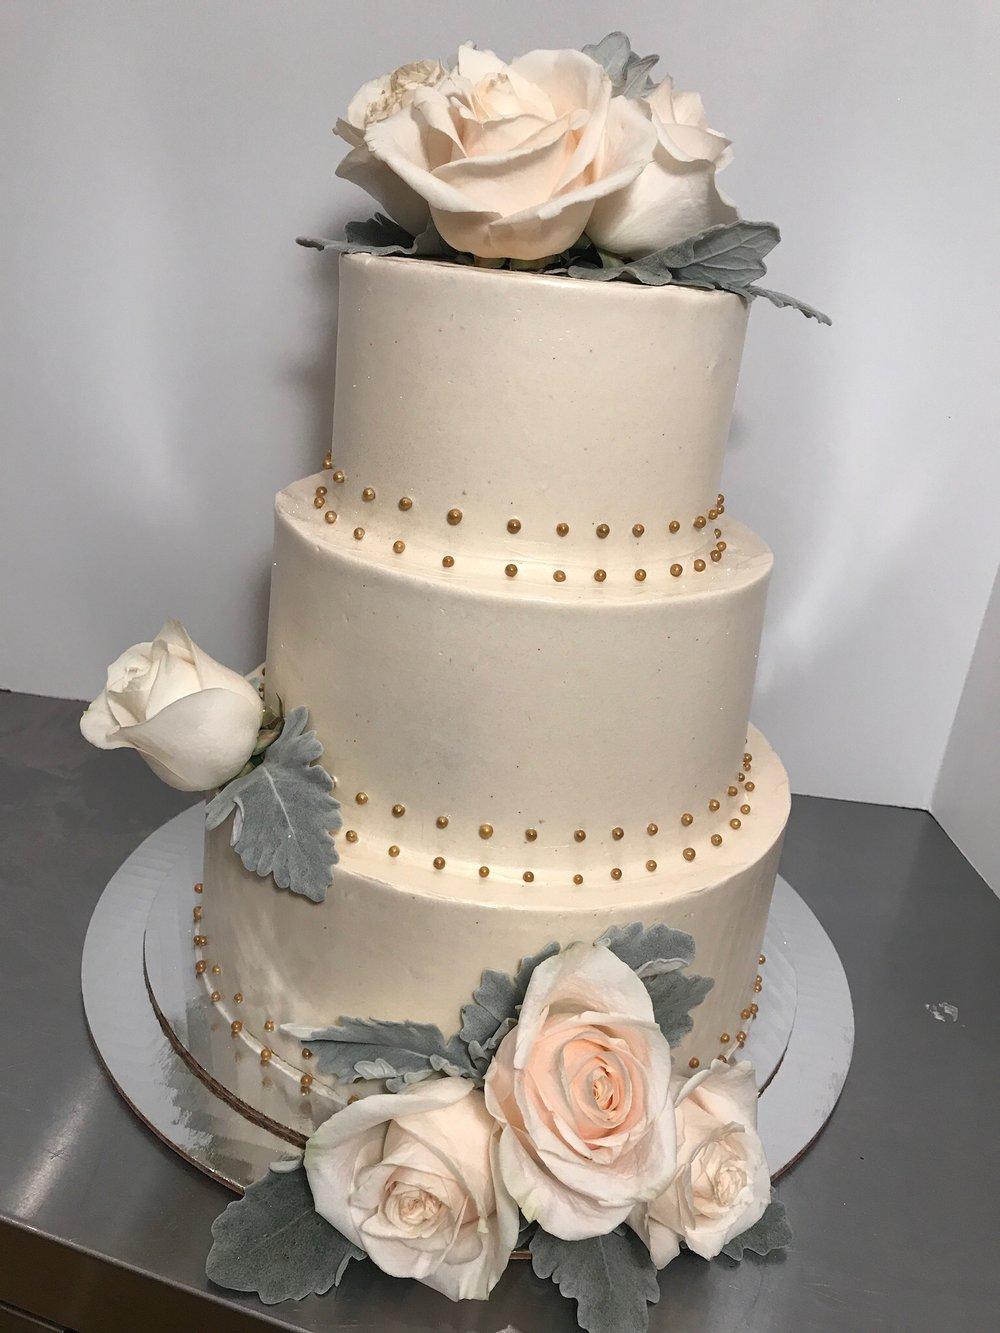 Flower Studded Cake